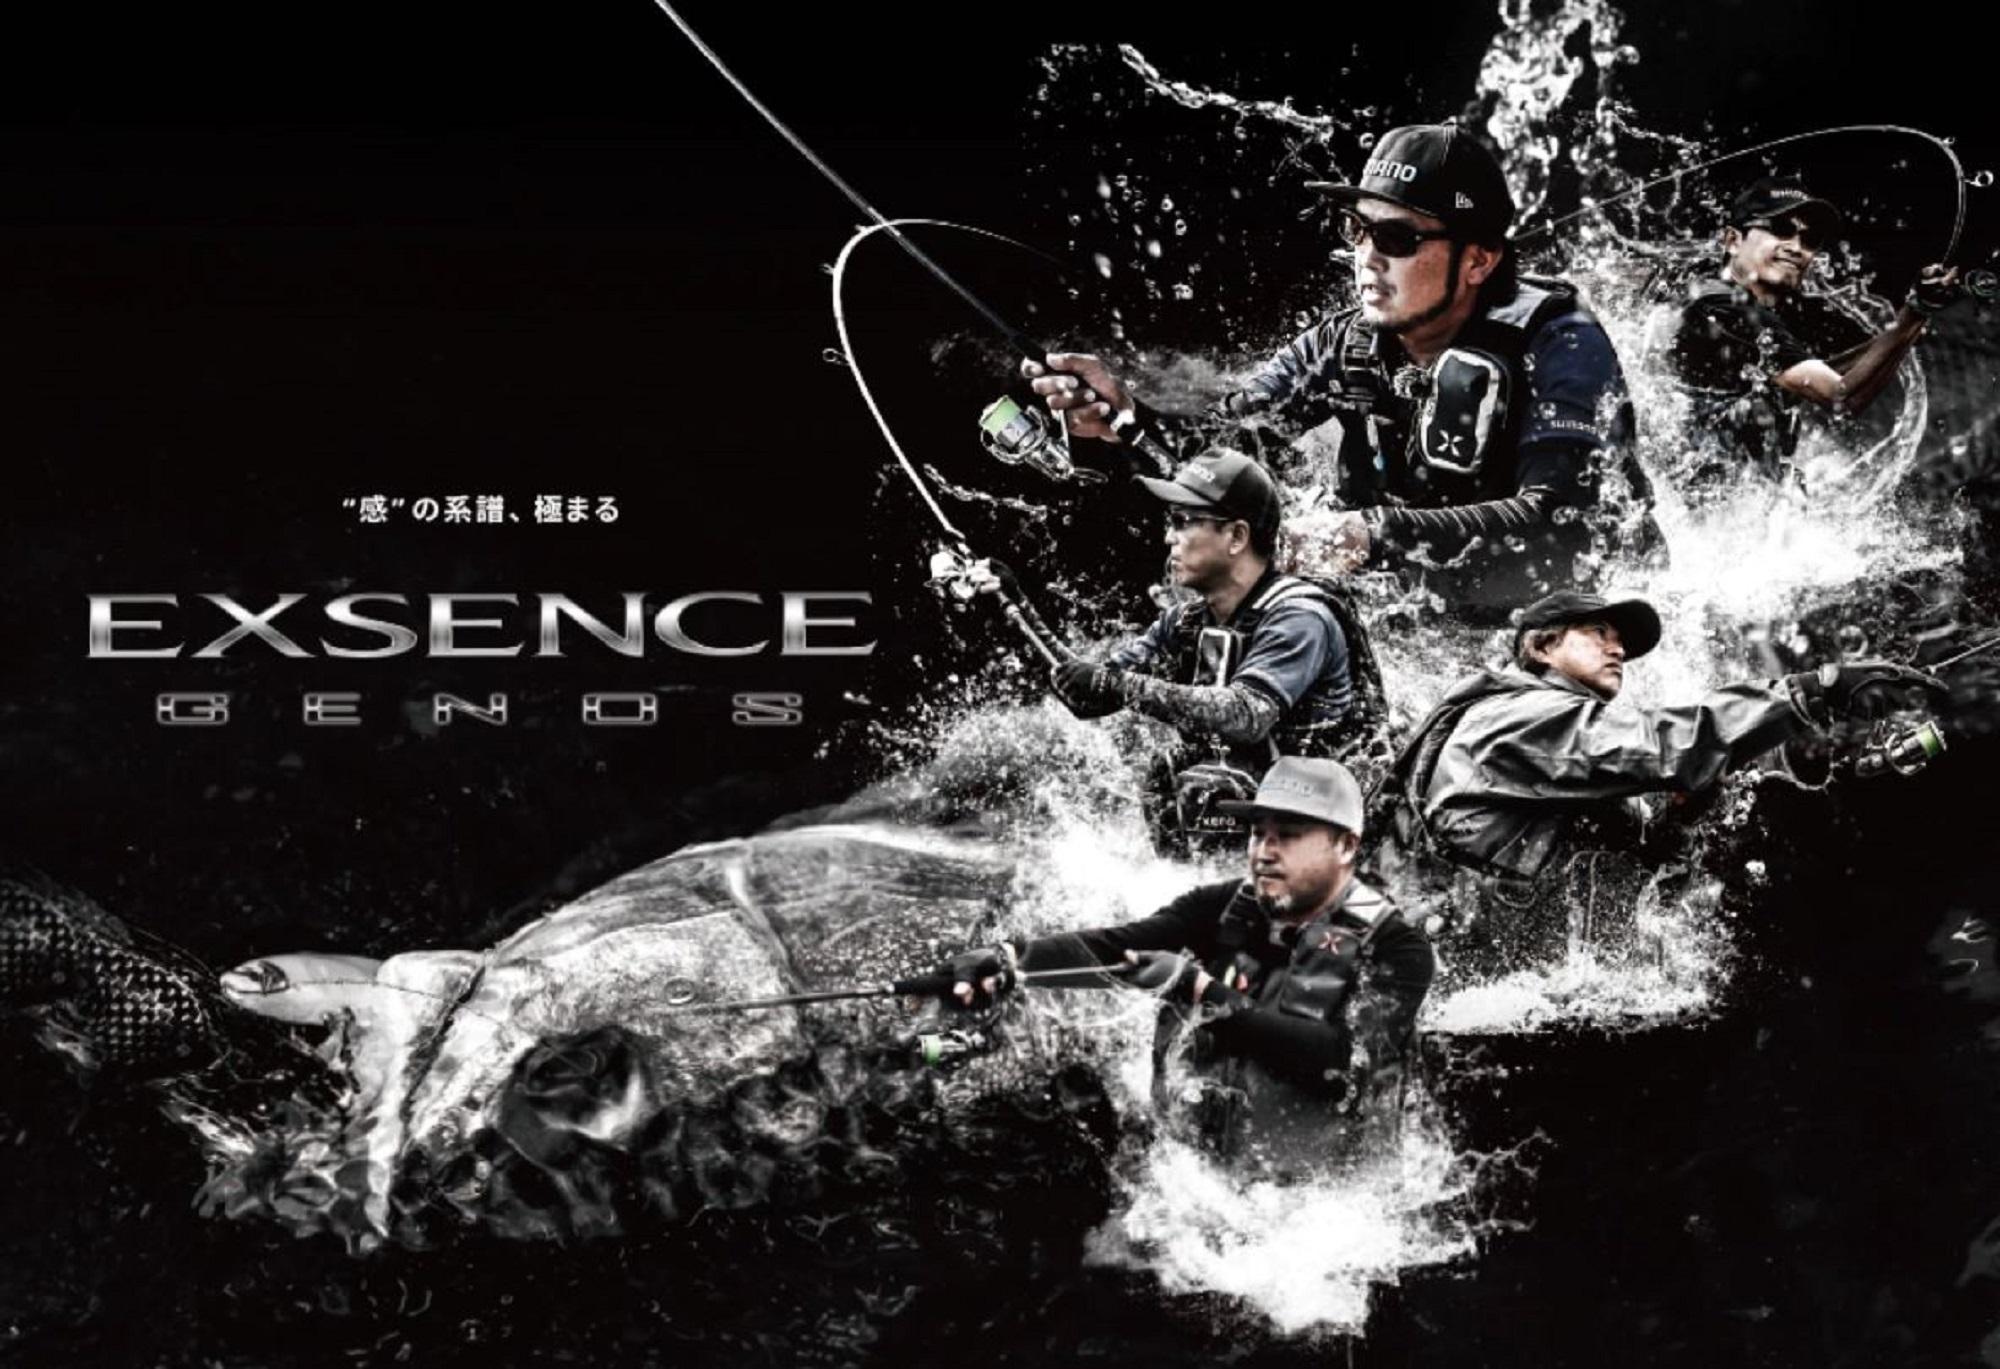 Shimano Rod Spinning Exsence Genos S97MH/F Dark Force 97 388803